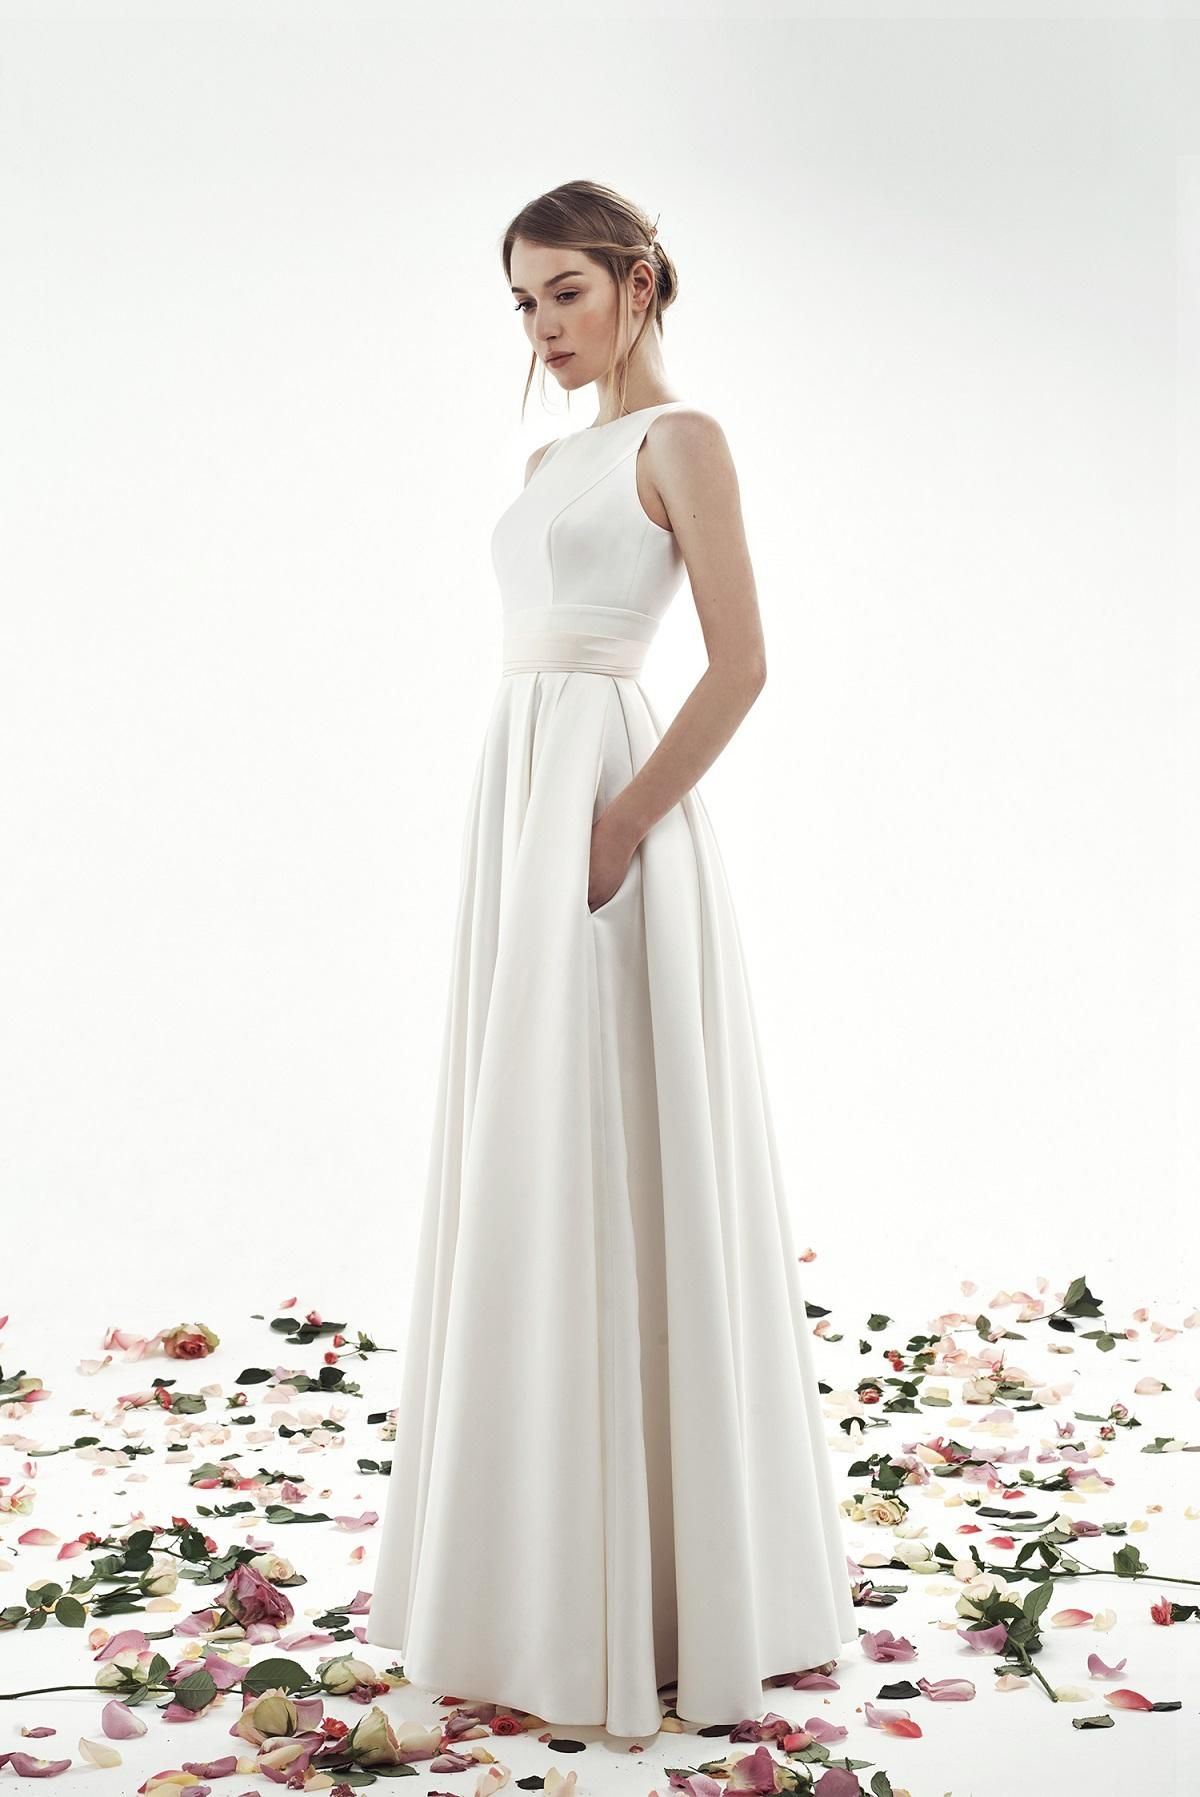 Свадебное платье Голди | Свадебные платья, Платья, Платья ...